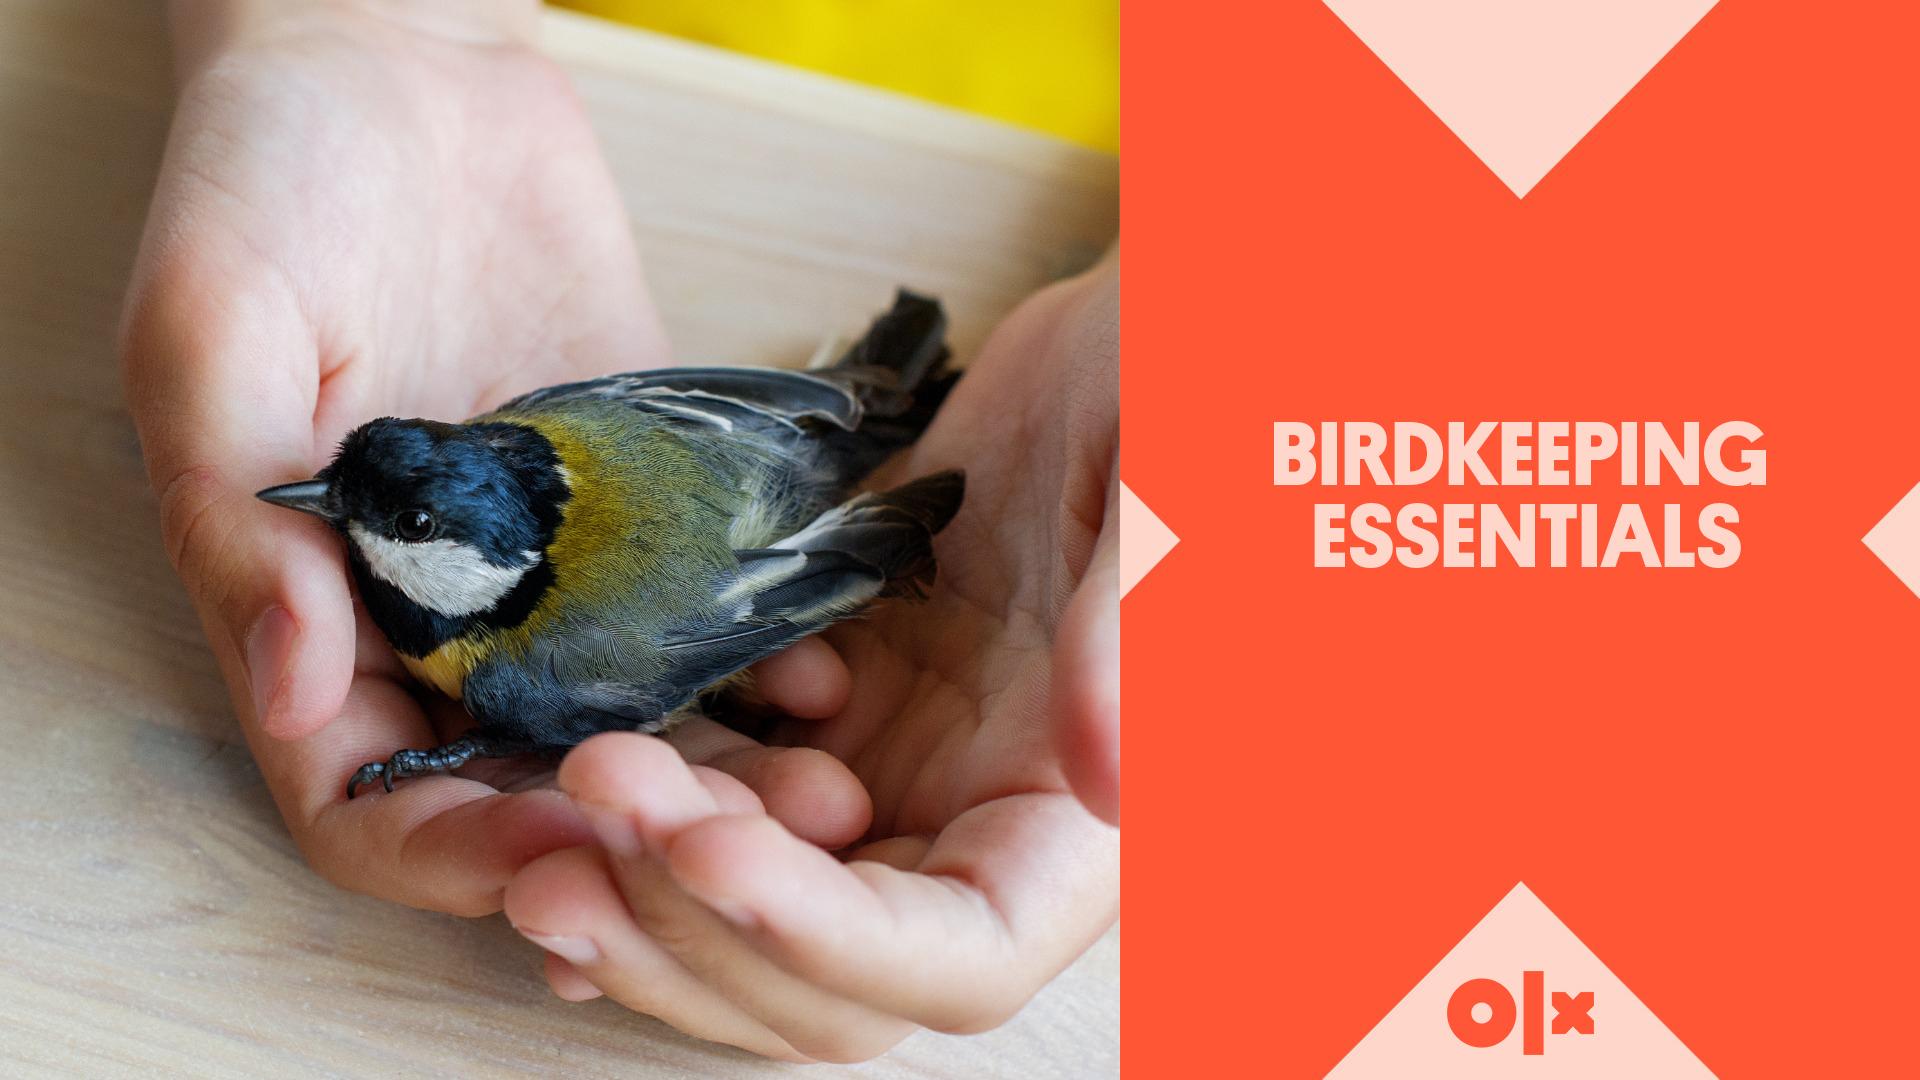 Birdkeeping Essentials